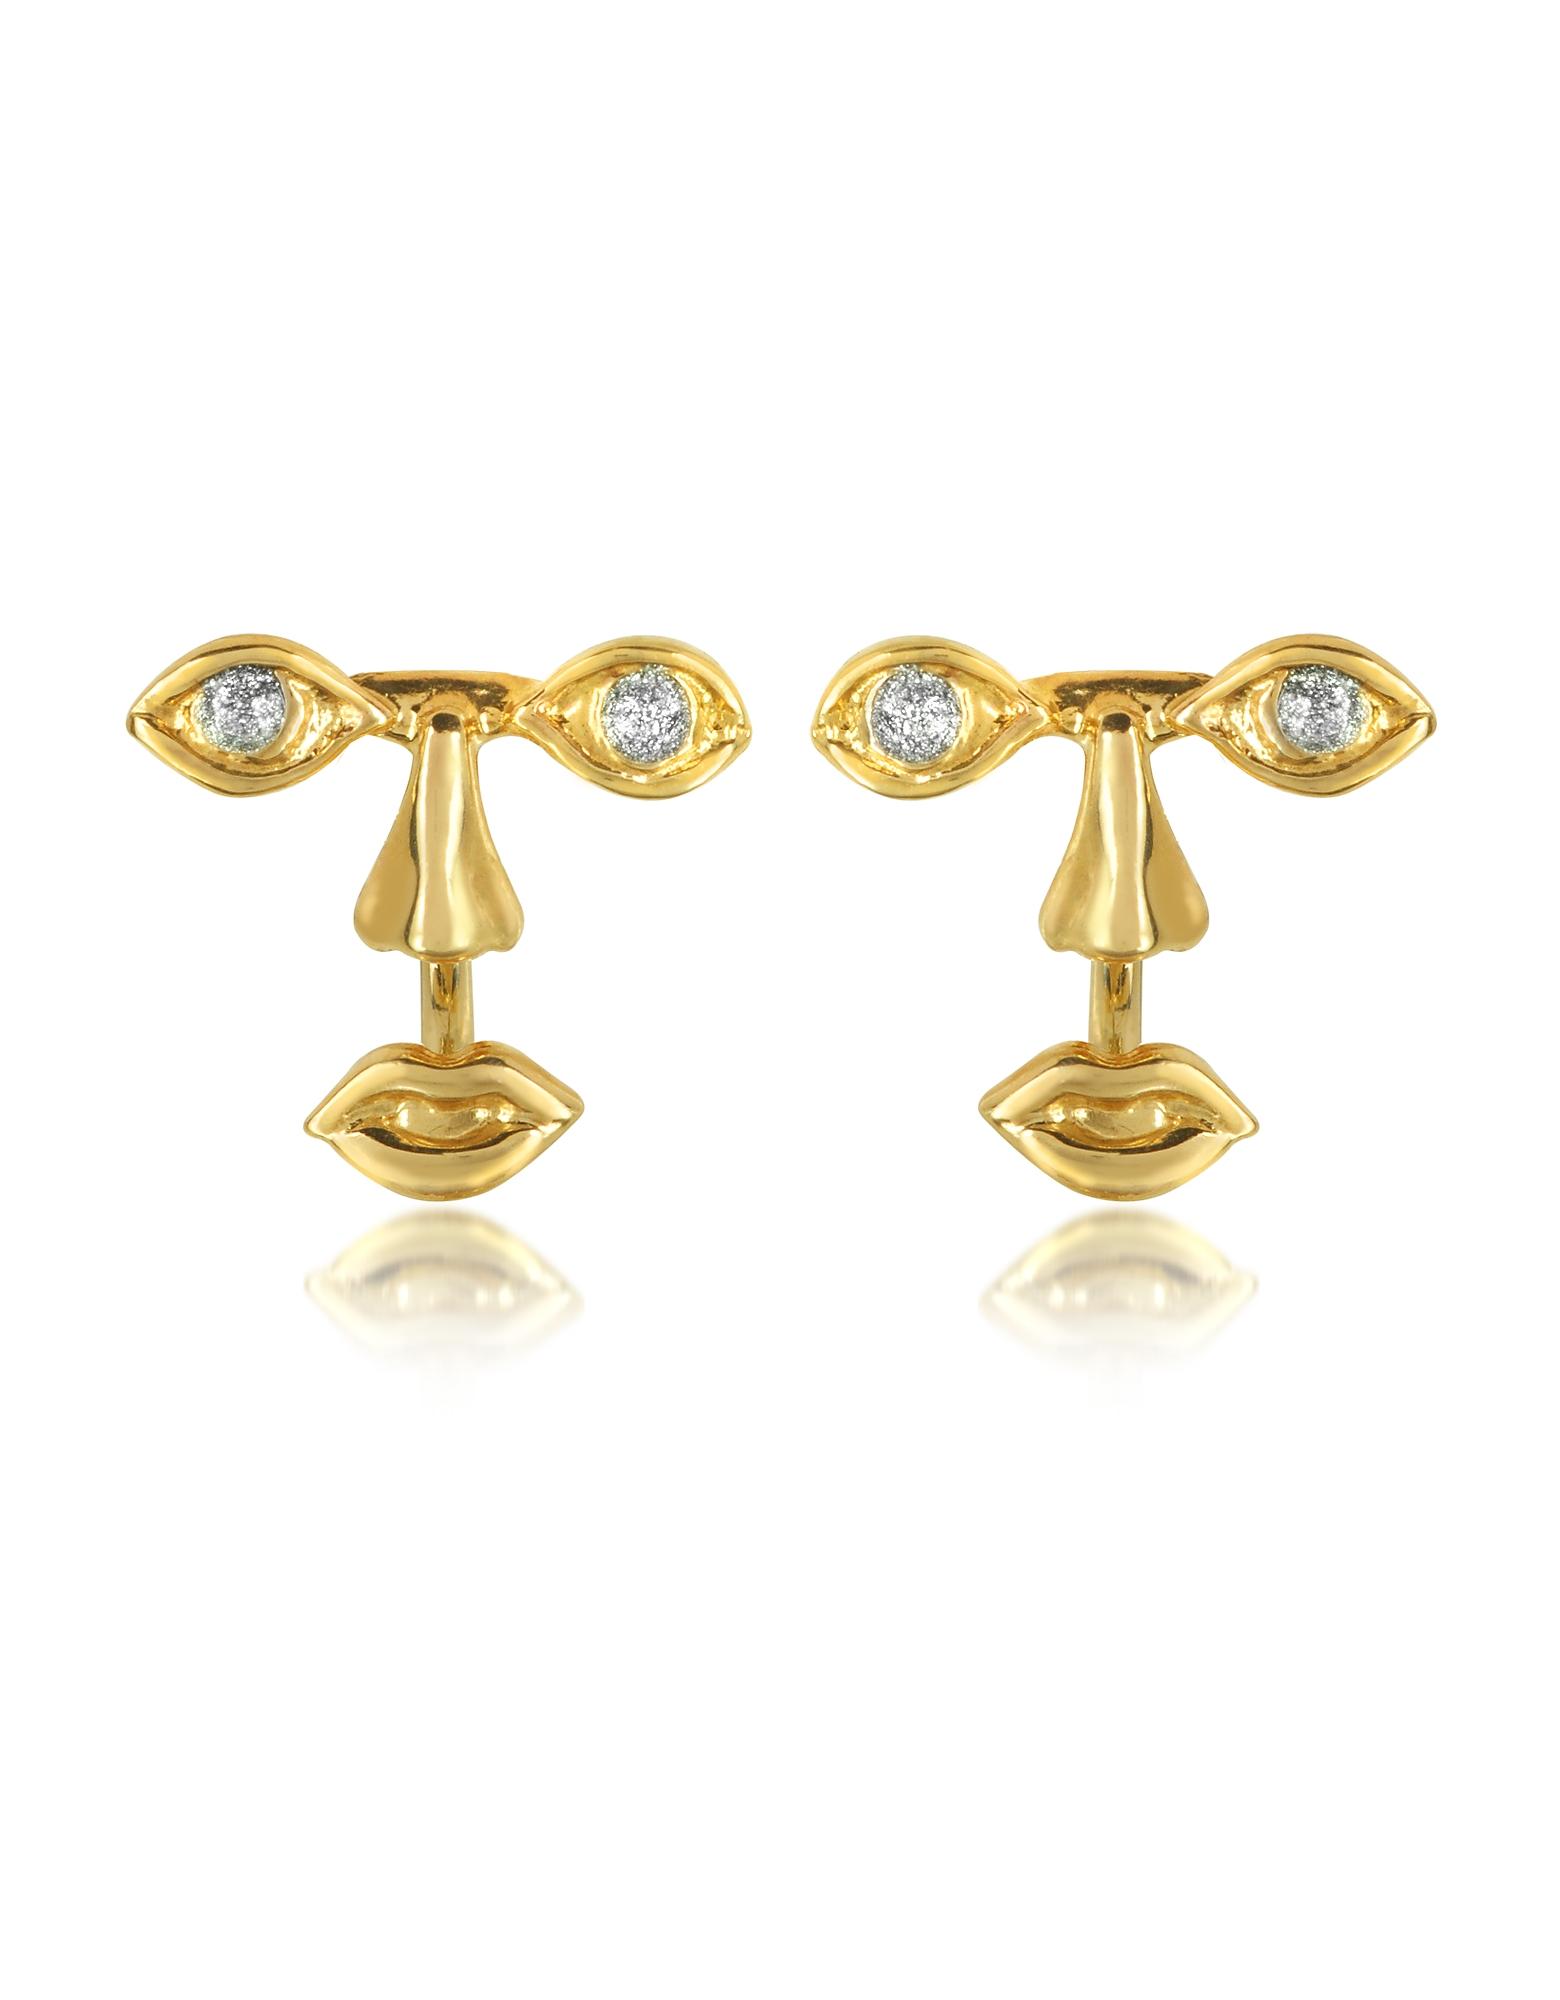 Bernard Delettrez Earrings, Osvaldo Piercing Gold Earrings